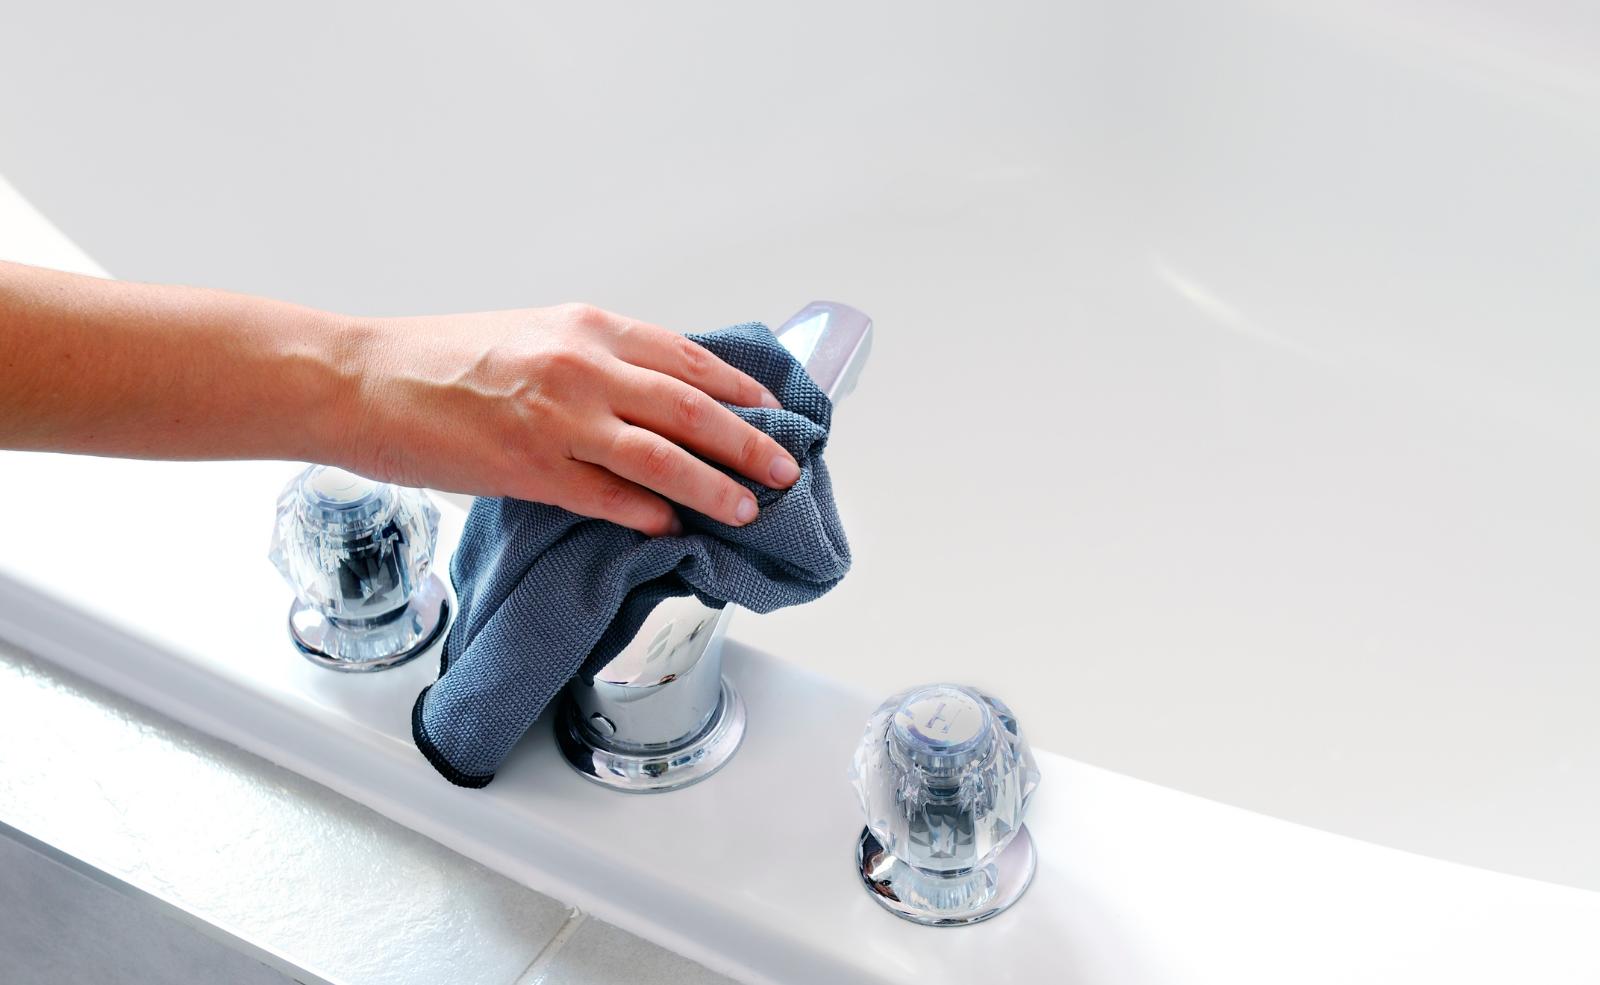 Putzt man regelmäßig, haben Schmutz und Kalk keine Chance